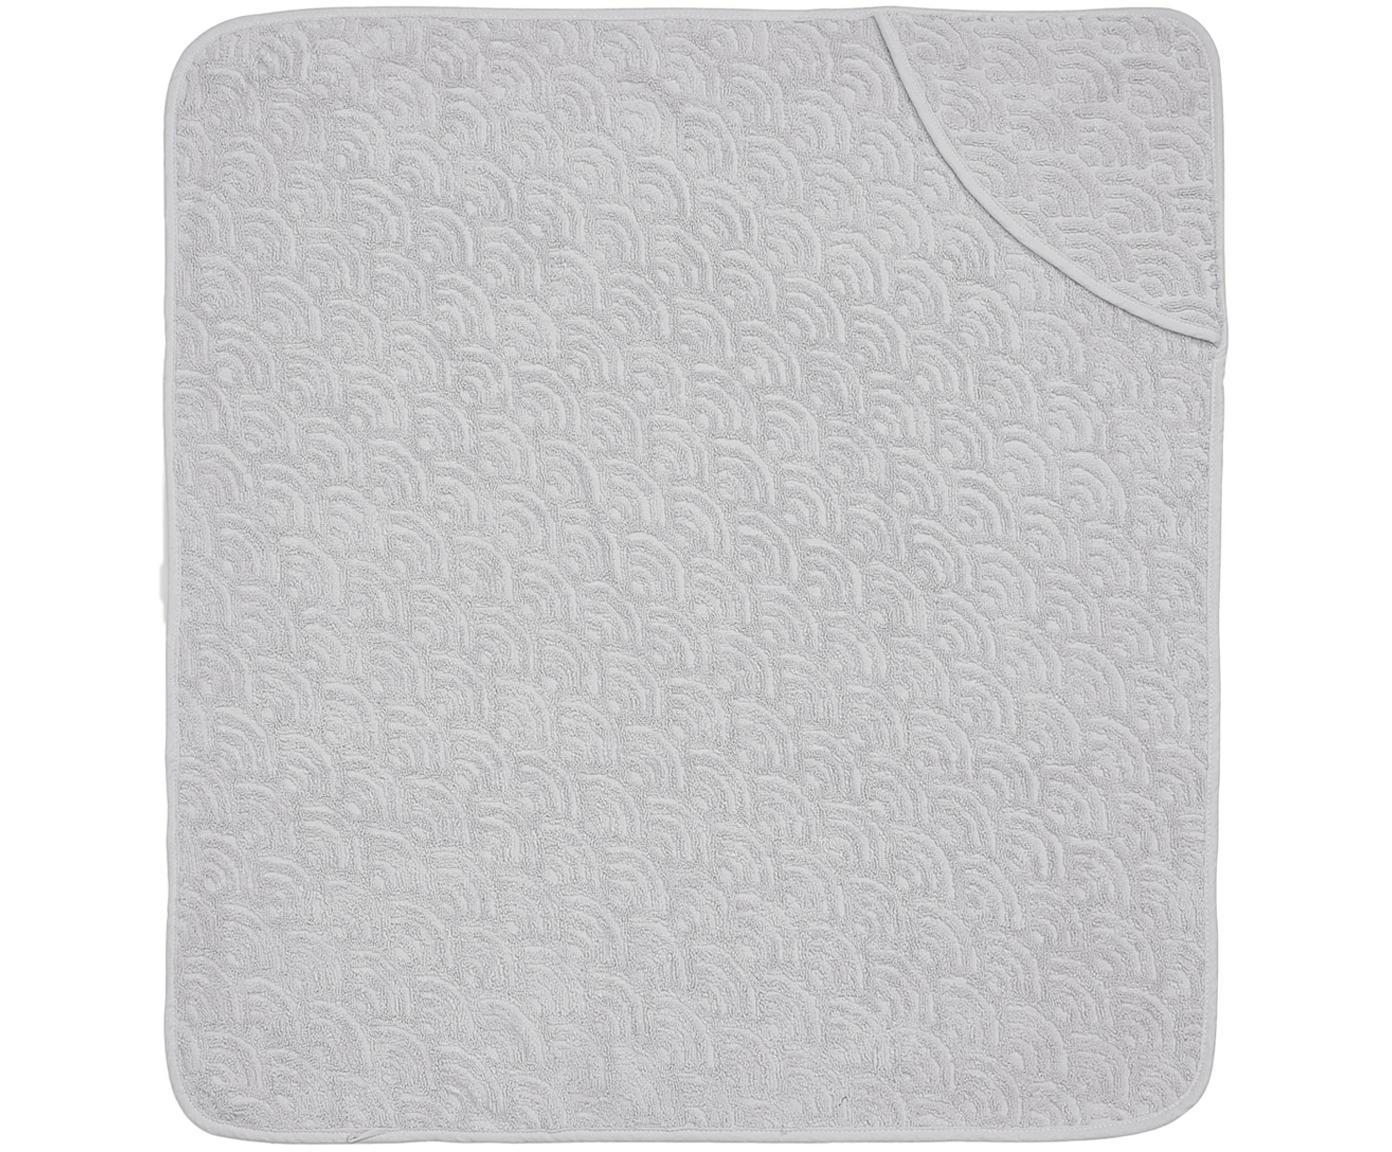 Baby-Badetuch Wave Fluff aus Bio-Baumwolle, Bio-Baumwolle, GOTS-zertifiziert, Grau, 105 x 105 cm